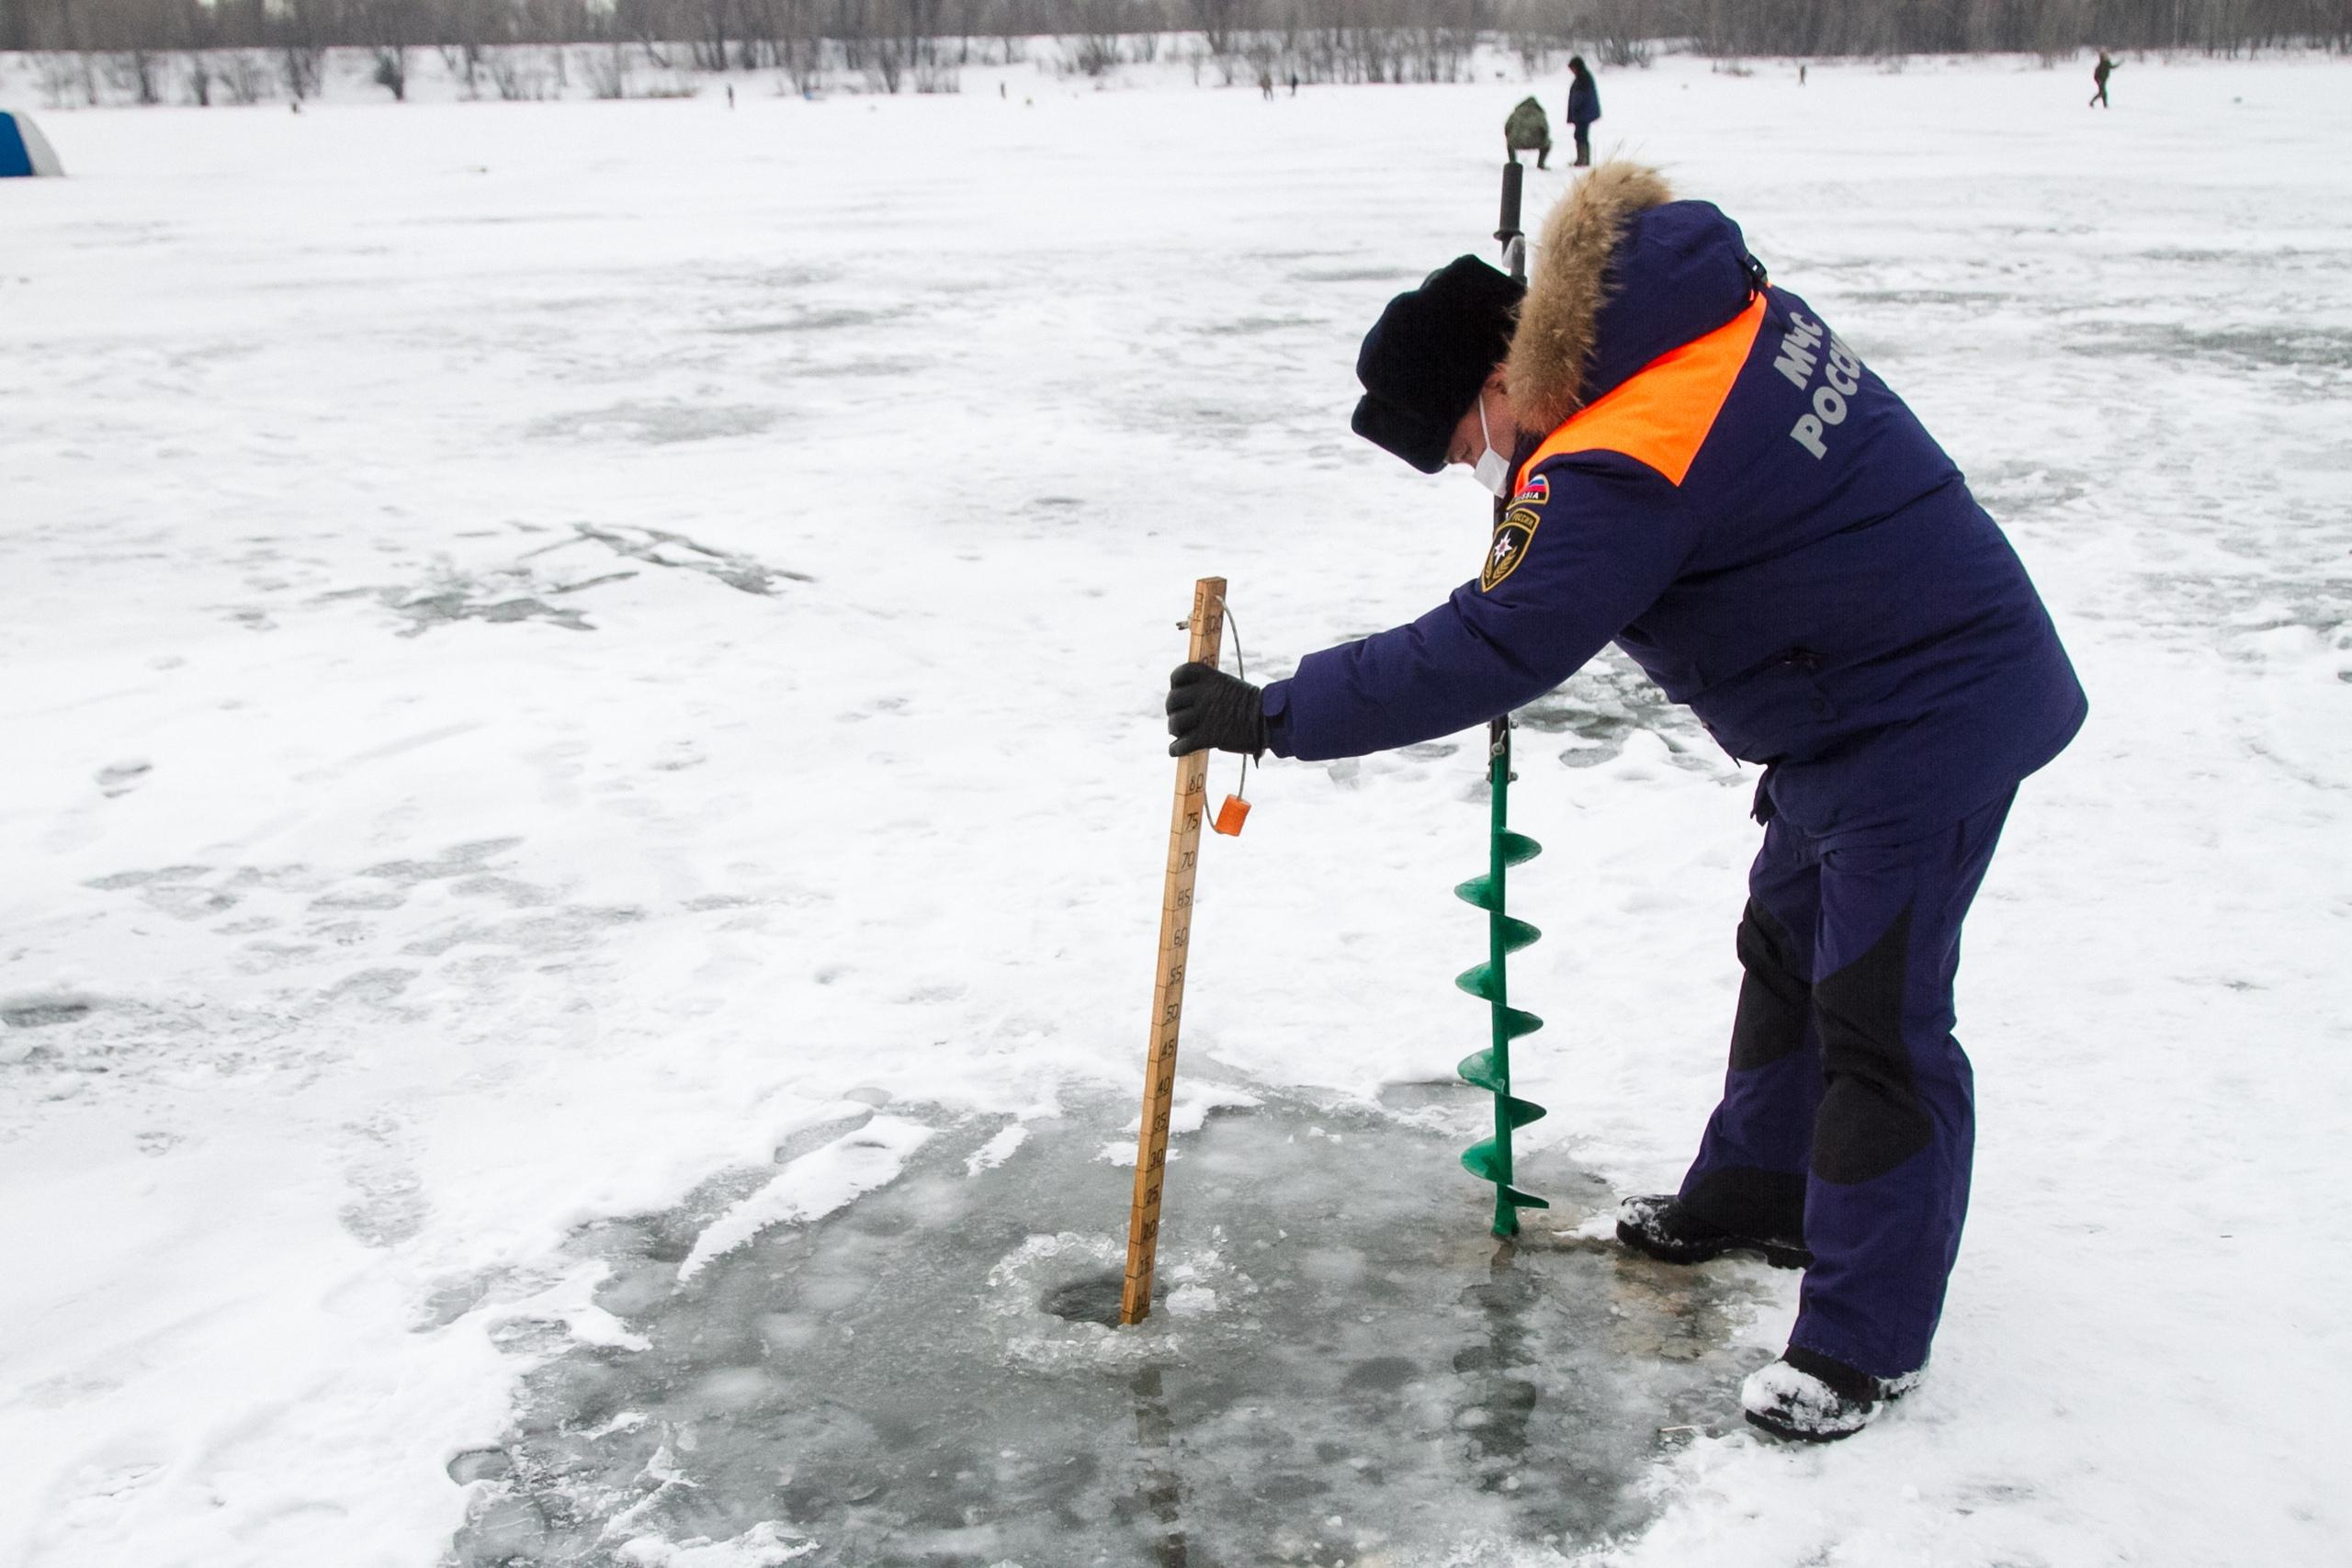 В МЧС просят омичей не выходить на весенний лед #Омск #Общество #Сегодня